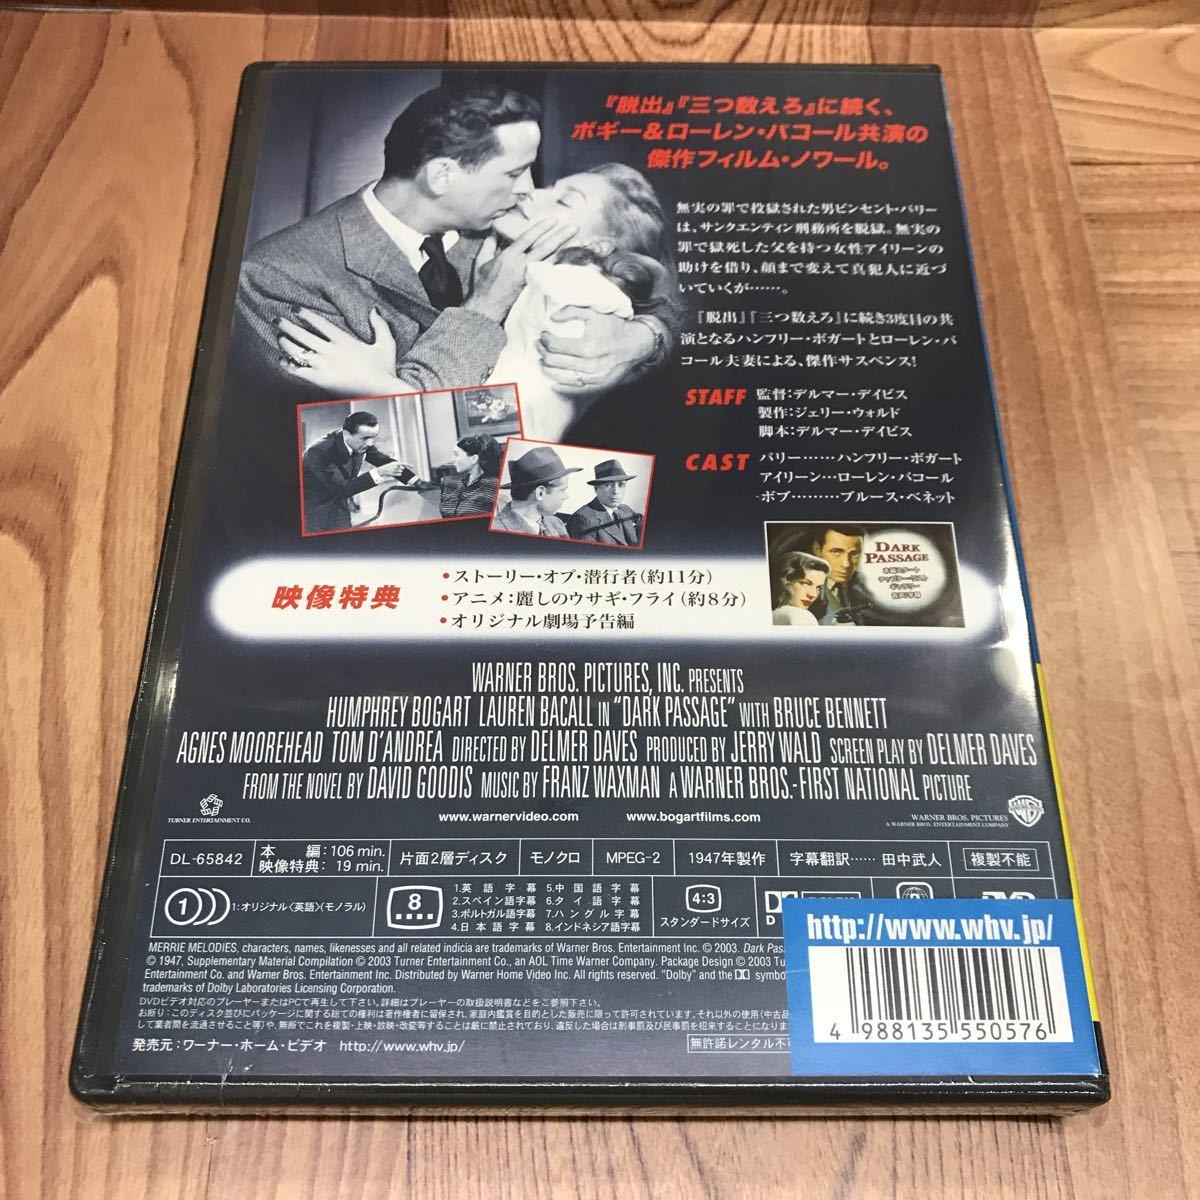 未開封 DVD 「潜行者 / ハンフリーボガート」_画像2